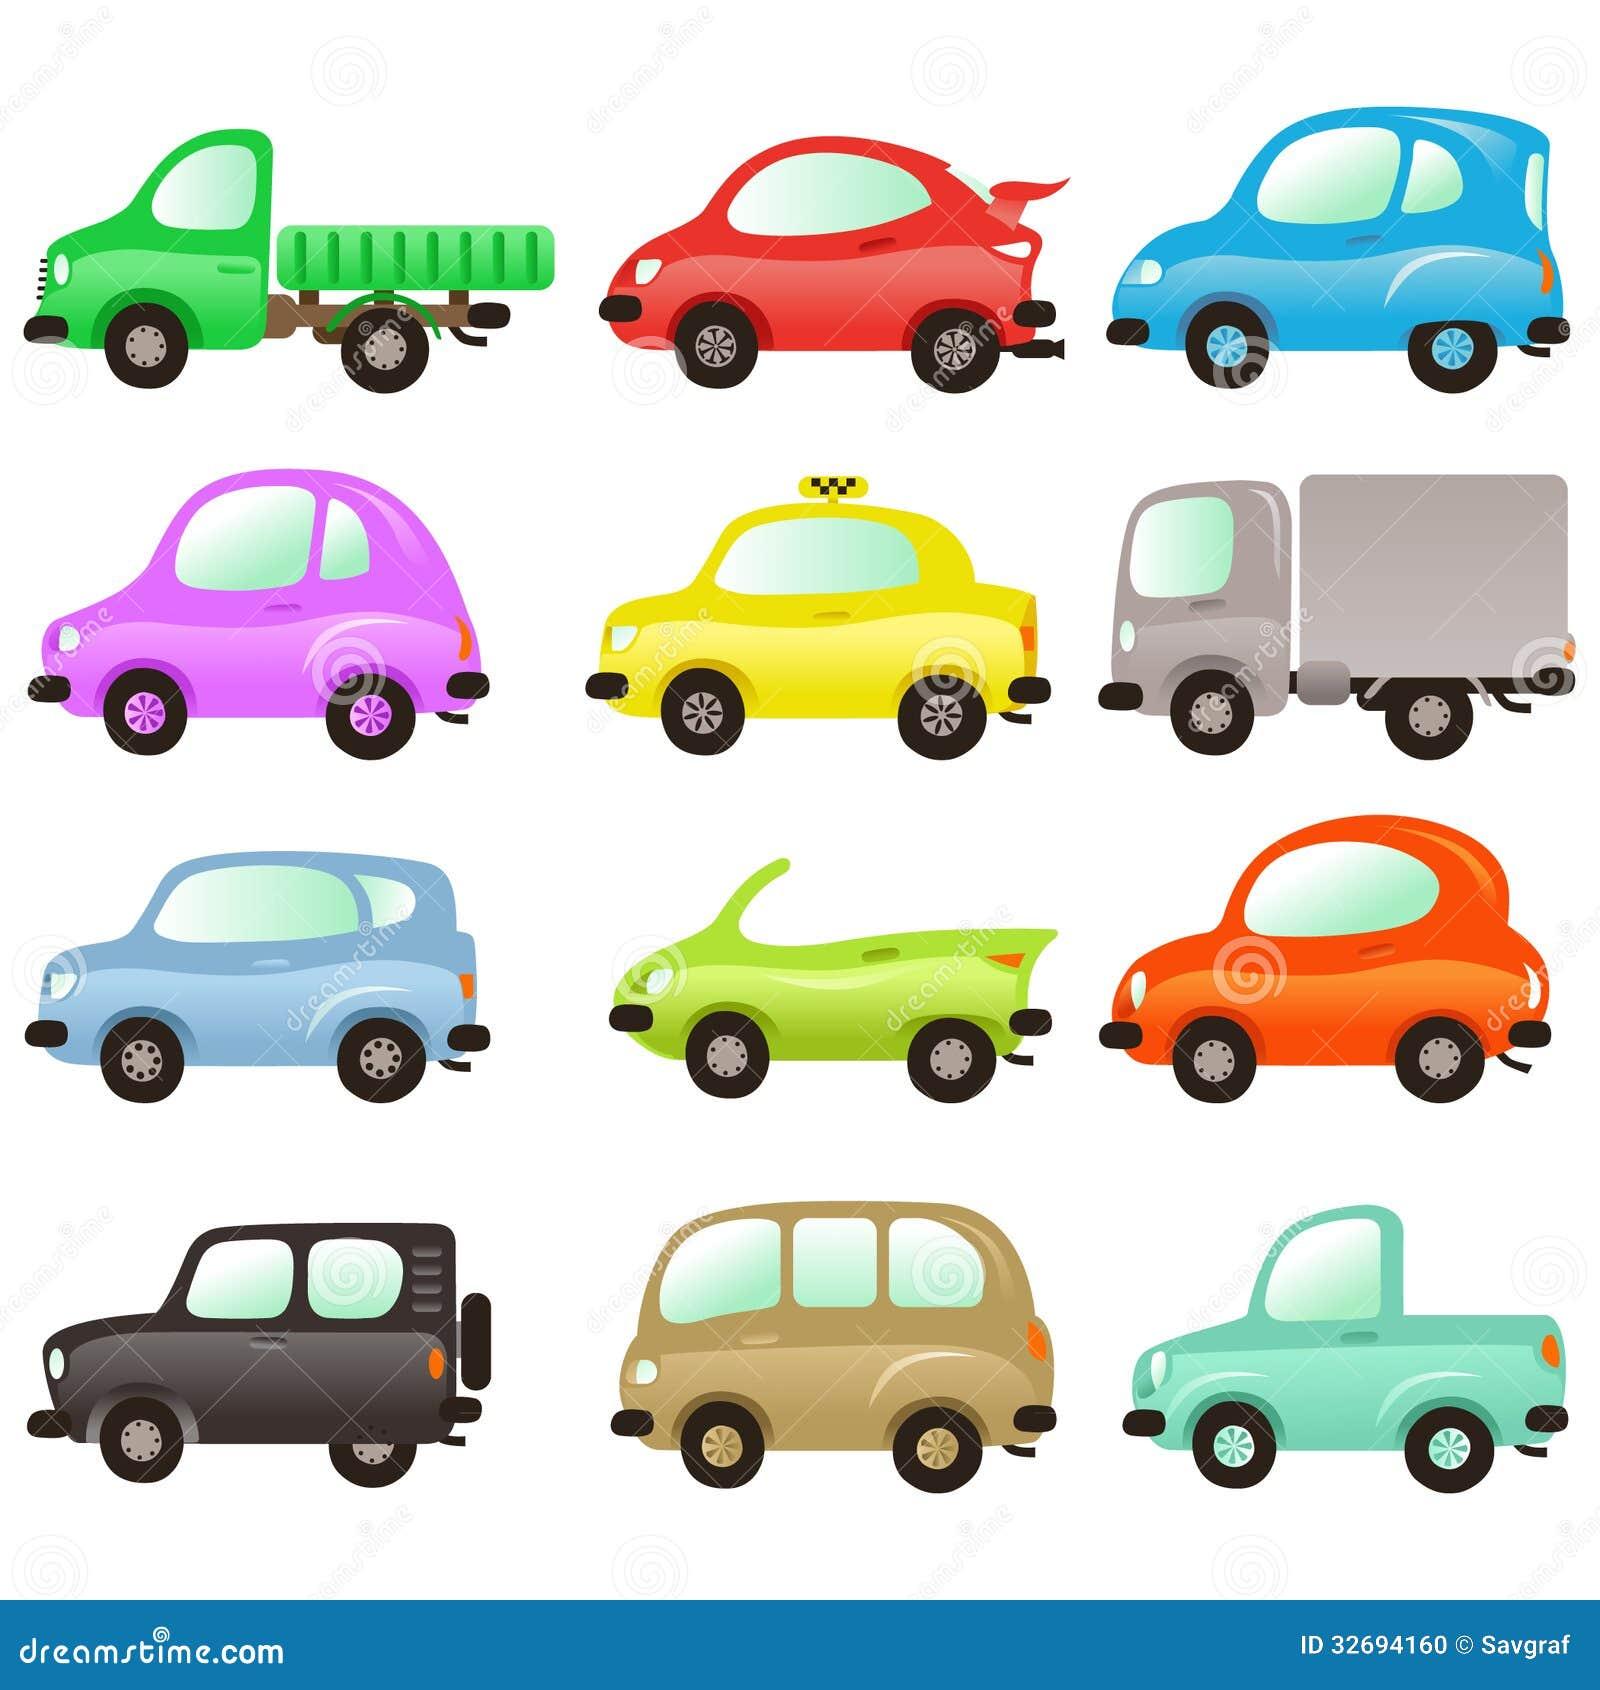 car clipart games - photo #4